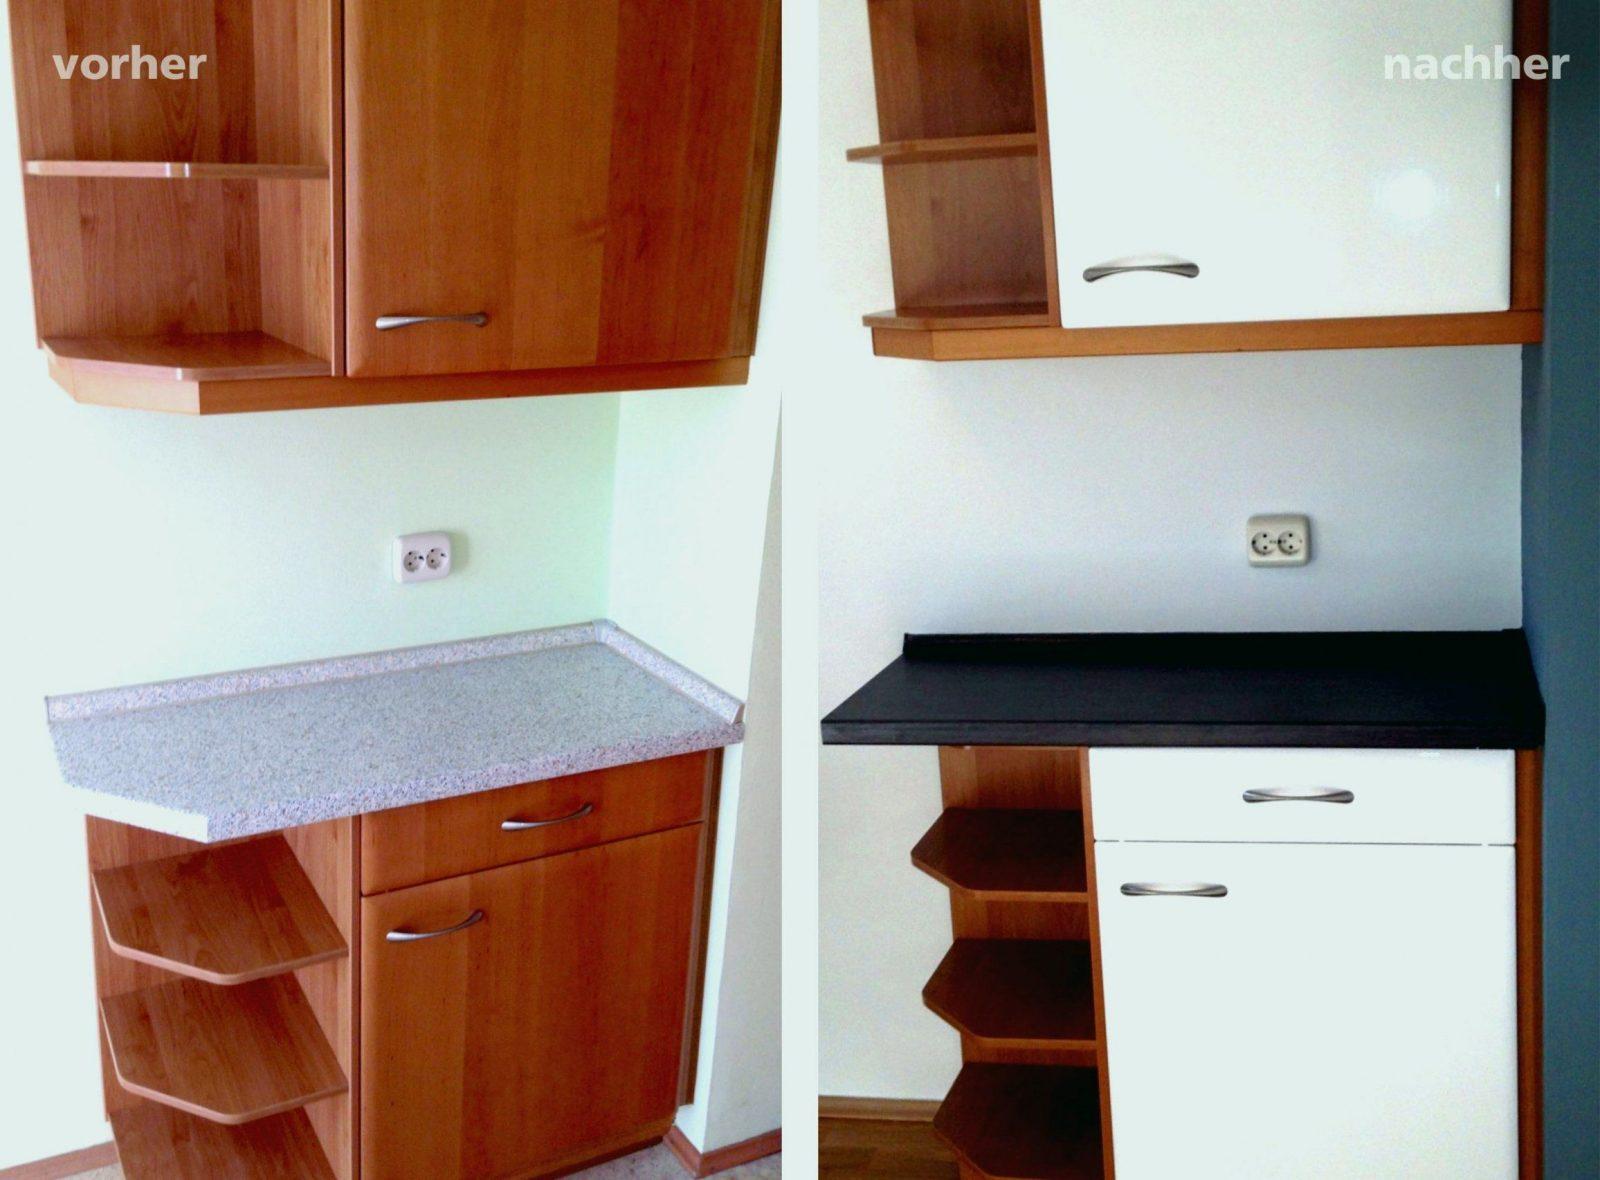 k che vorher nachher sch n altes k chenbuffet streichen. Black Bedroom Furniture Sets. Home Design Ideas